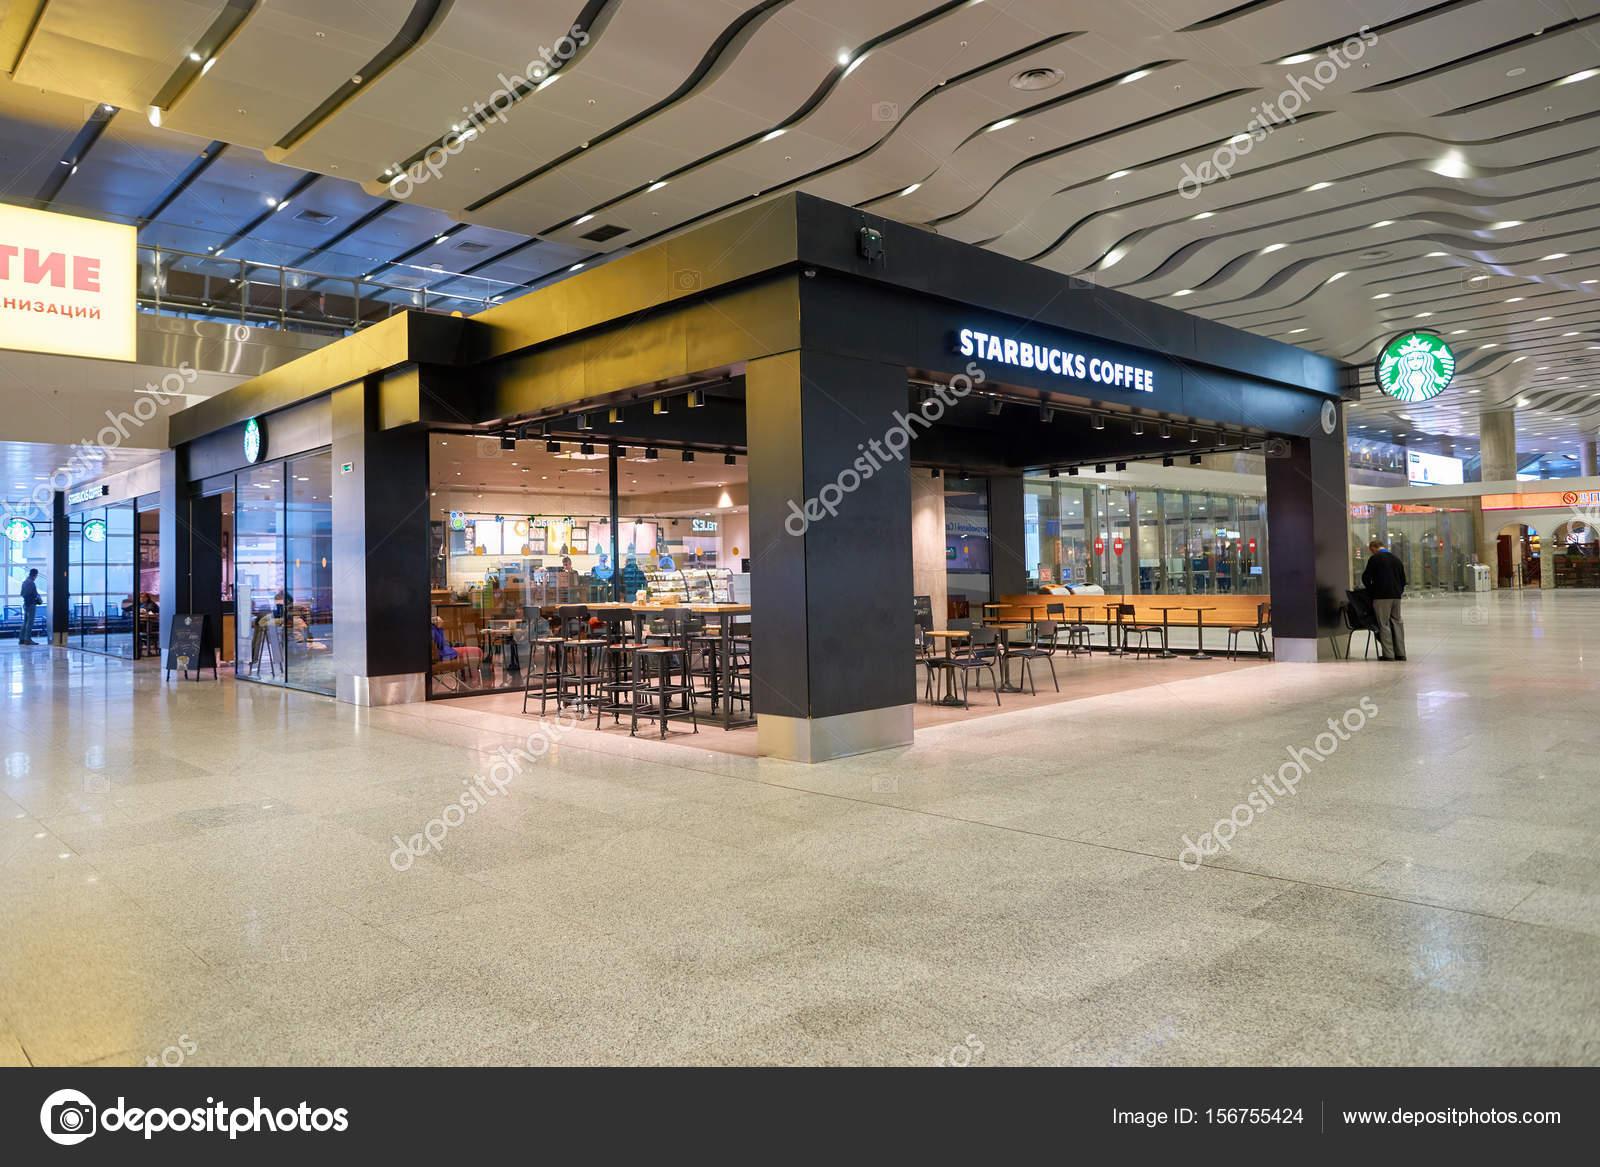 星巴克咖啡在美国_星巴克咖啡店 — 图库社论照片 © teamtime #156755424